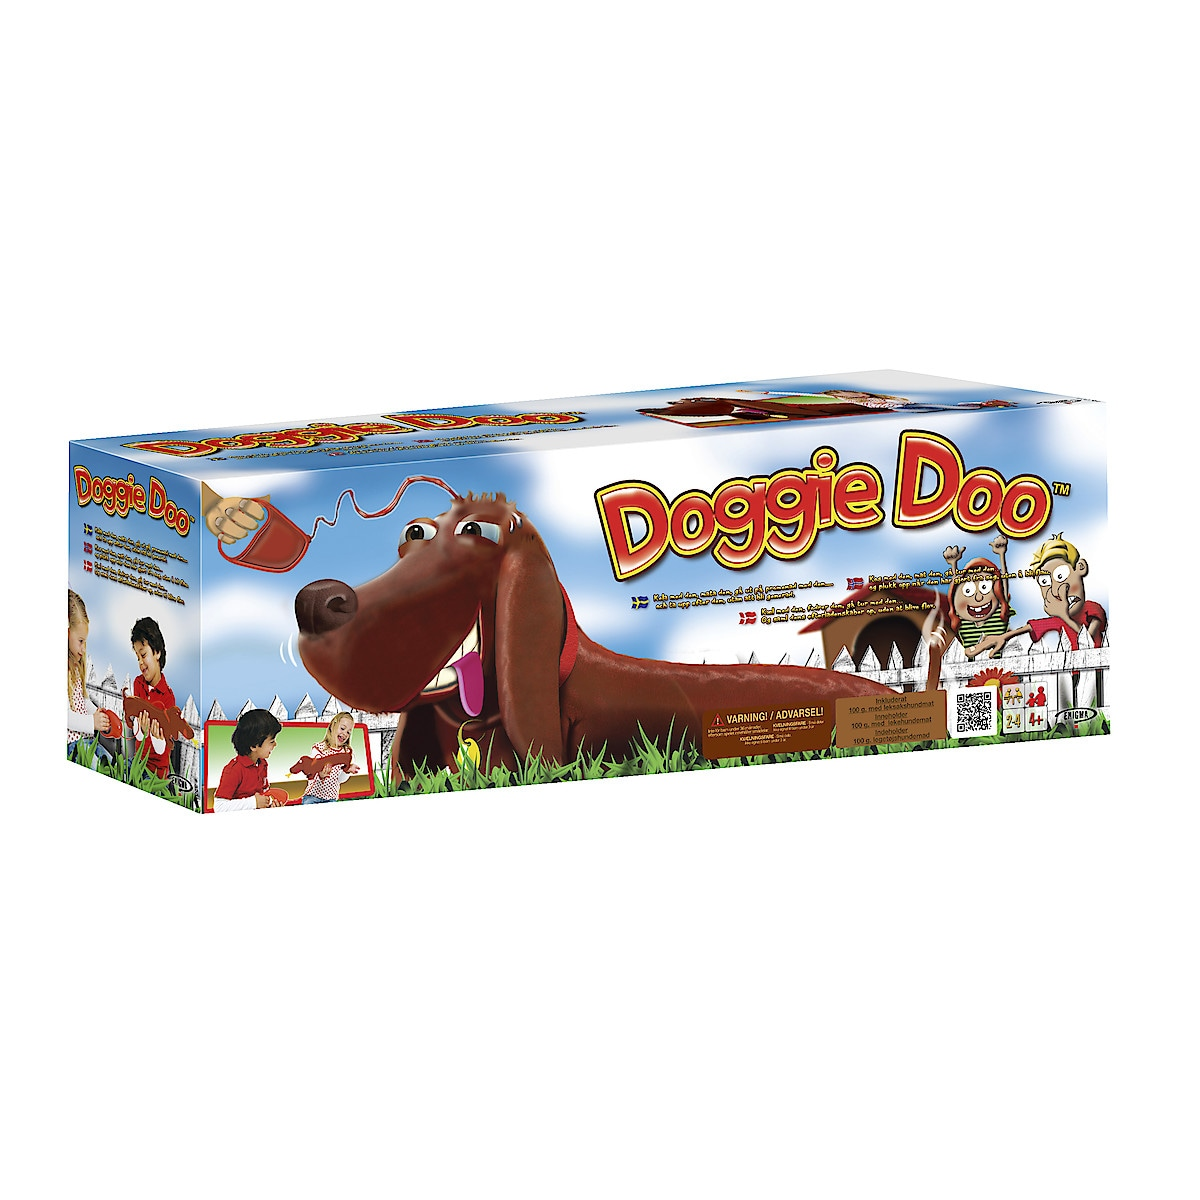 Doggie Doo